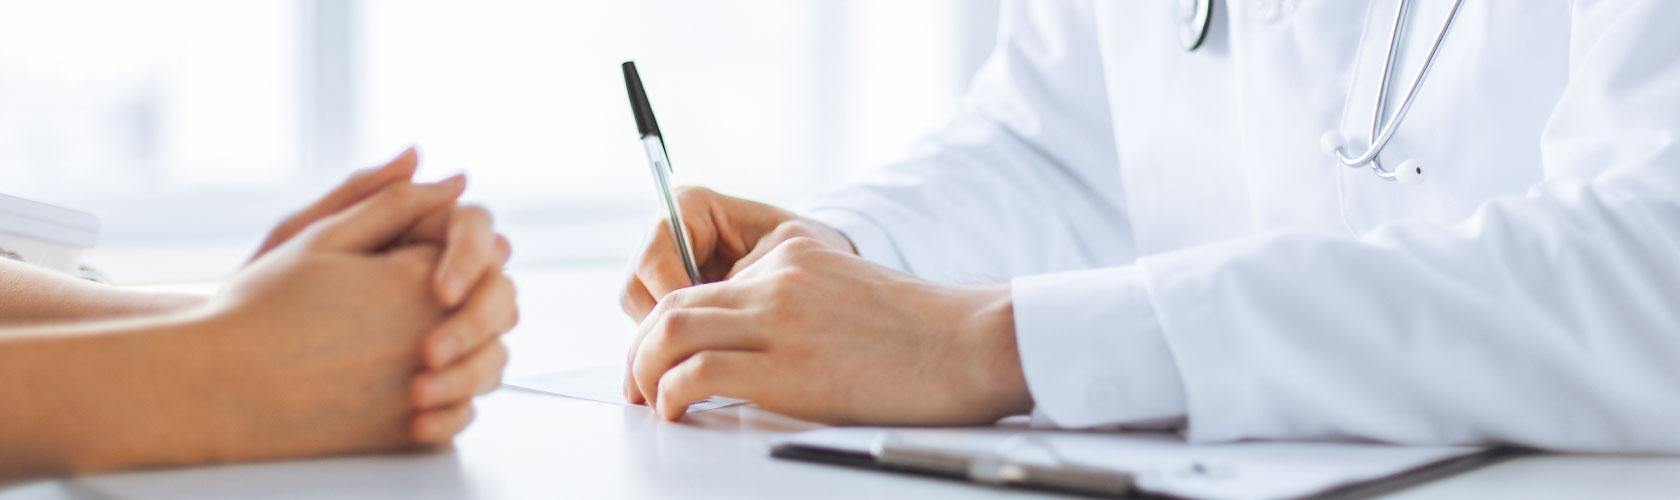 Информация  о порядке проведения профилактических медицинских осмотров в КГБУЗ «КГП №7»